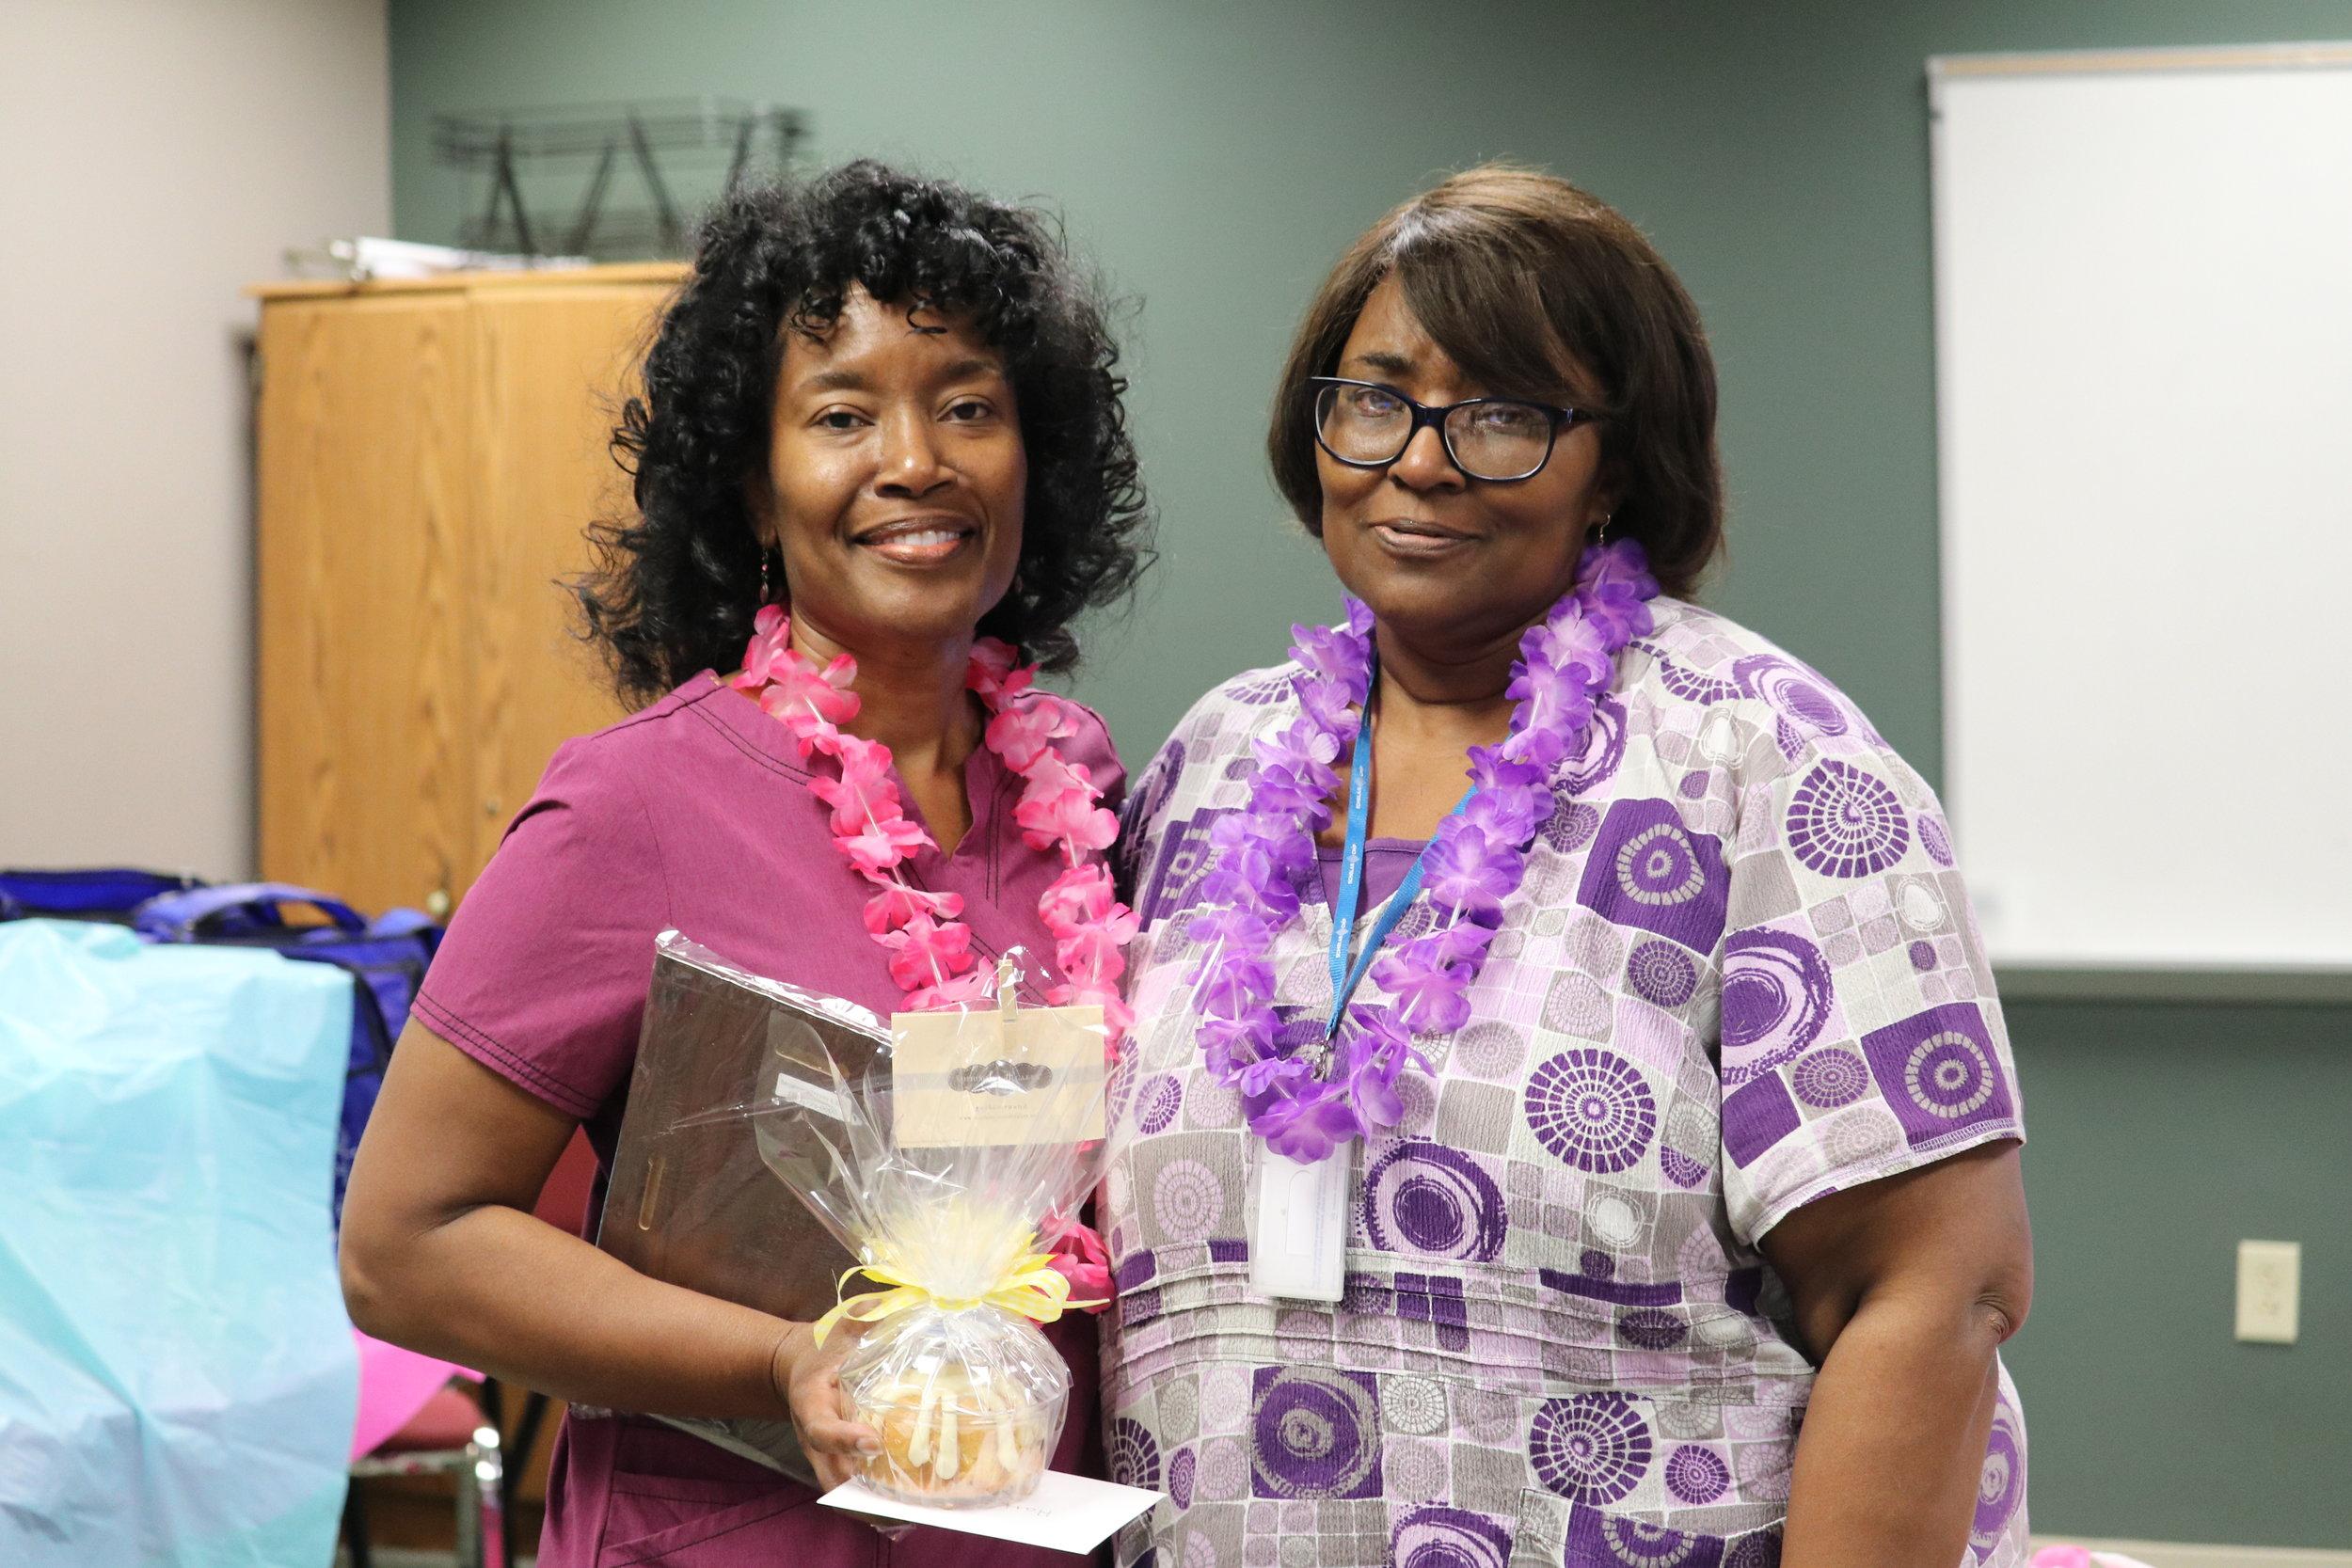 Ms. Pollard, School Nurse Supervisor [left], and Ms. Williams